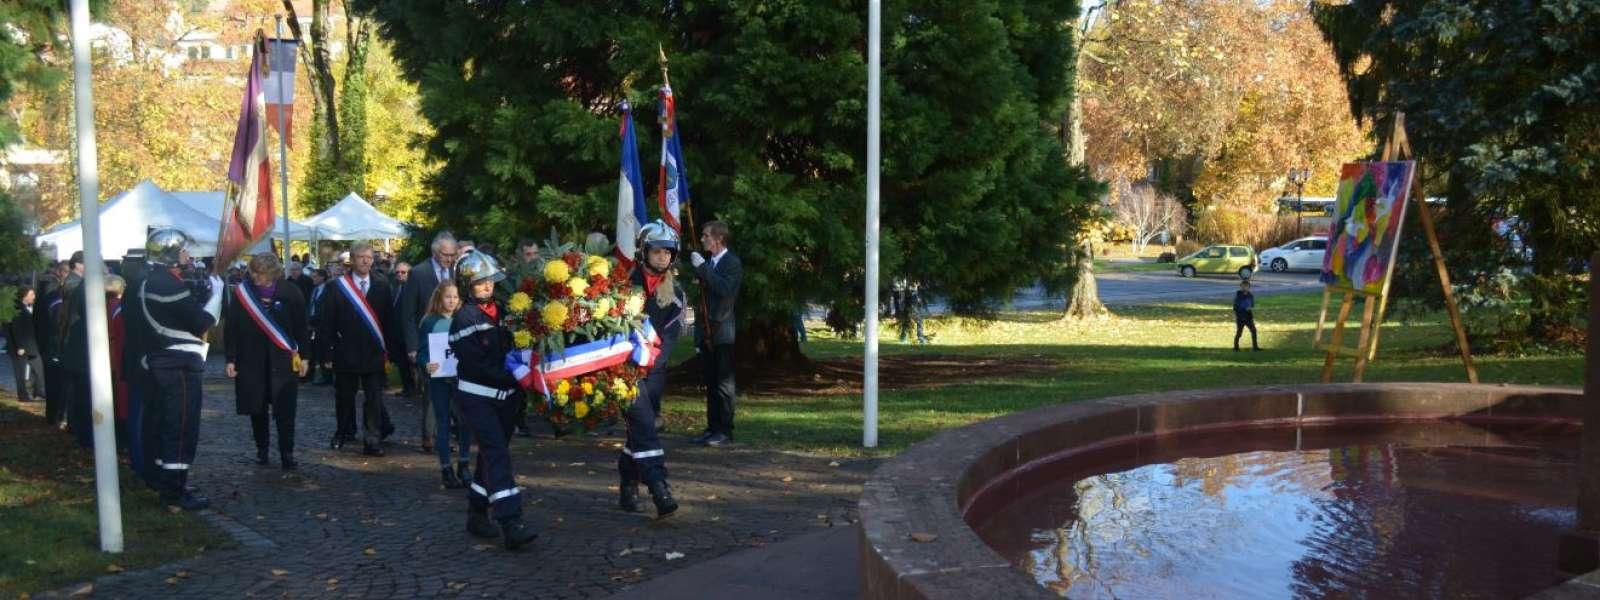 Commémoration du Centenaire de l'Armistice de la Grande Guerre